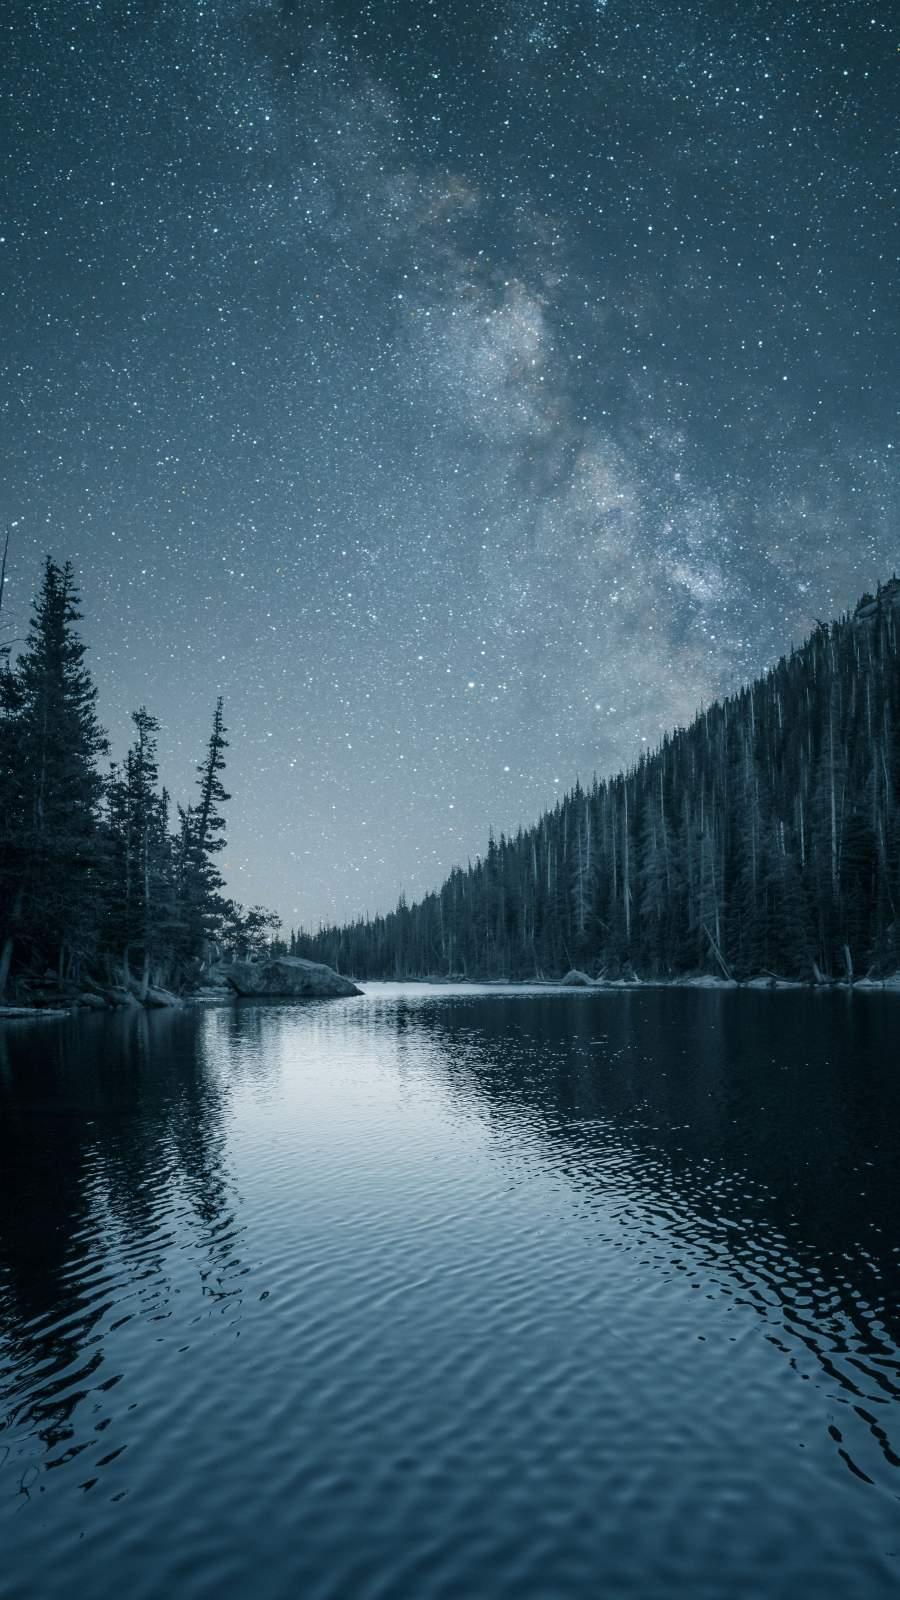 Night Stars View Reflection Lake